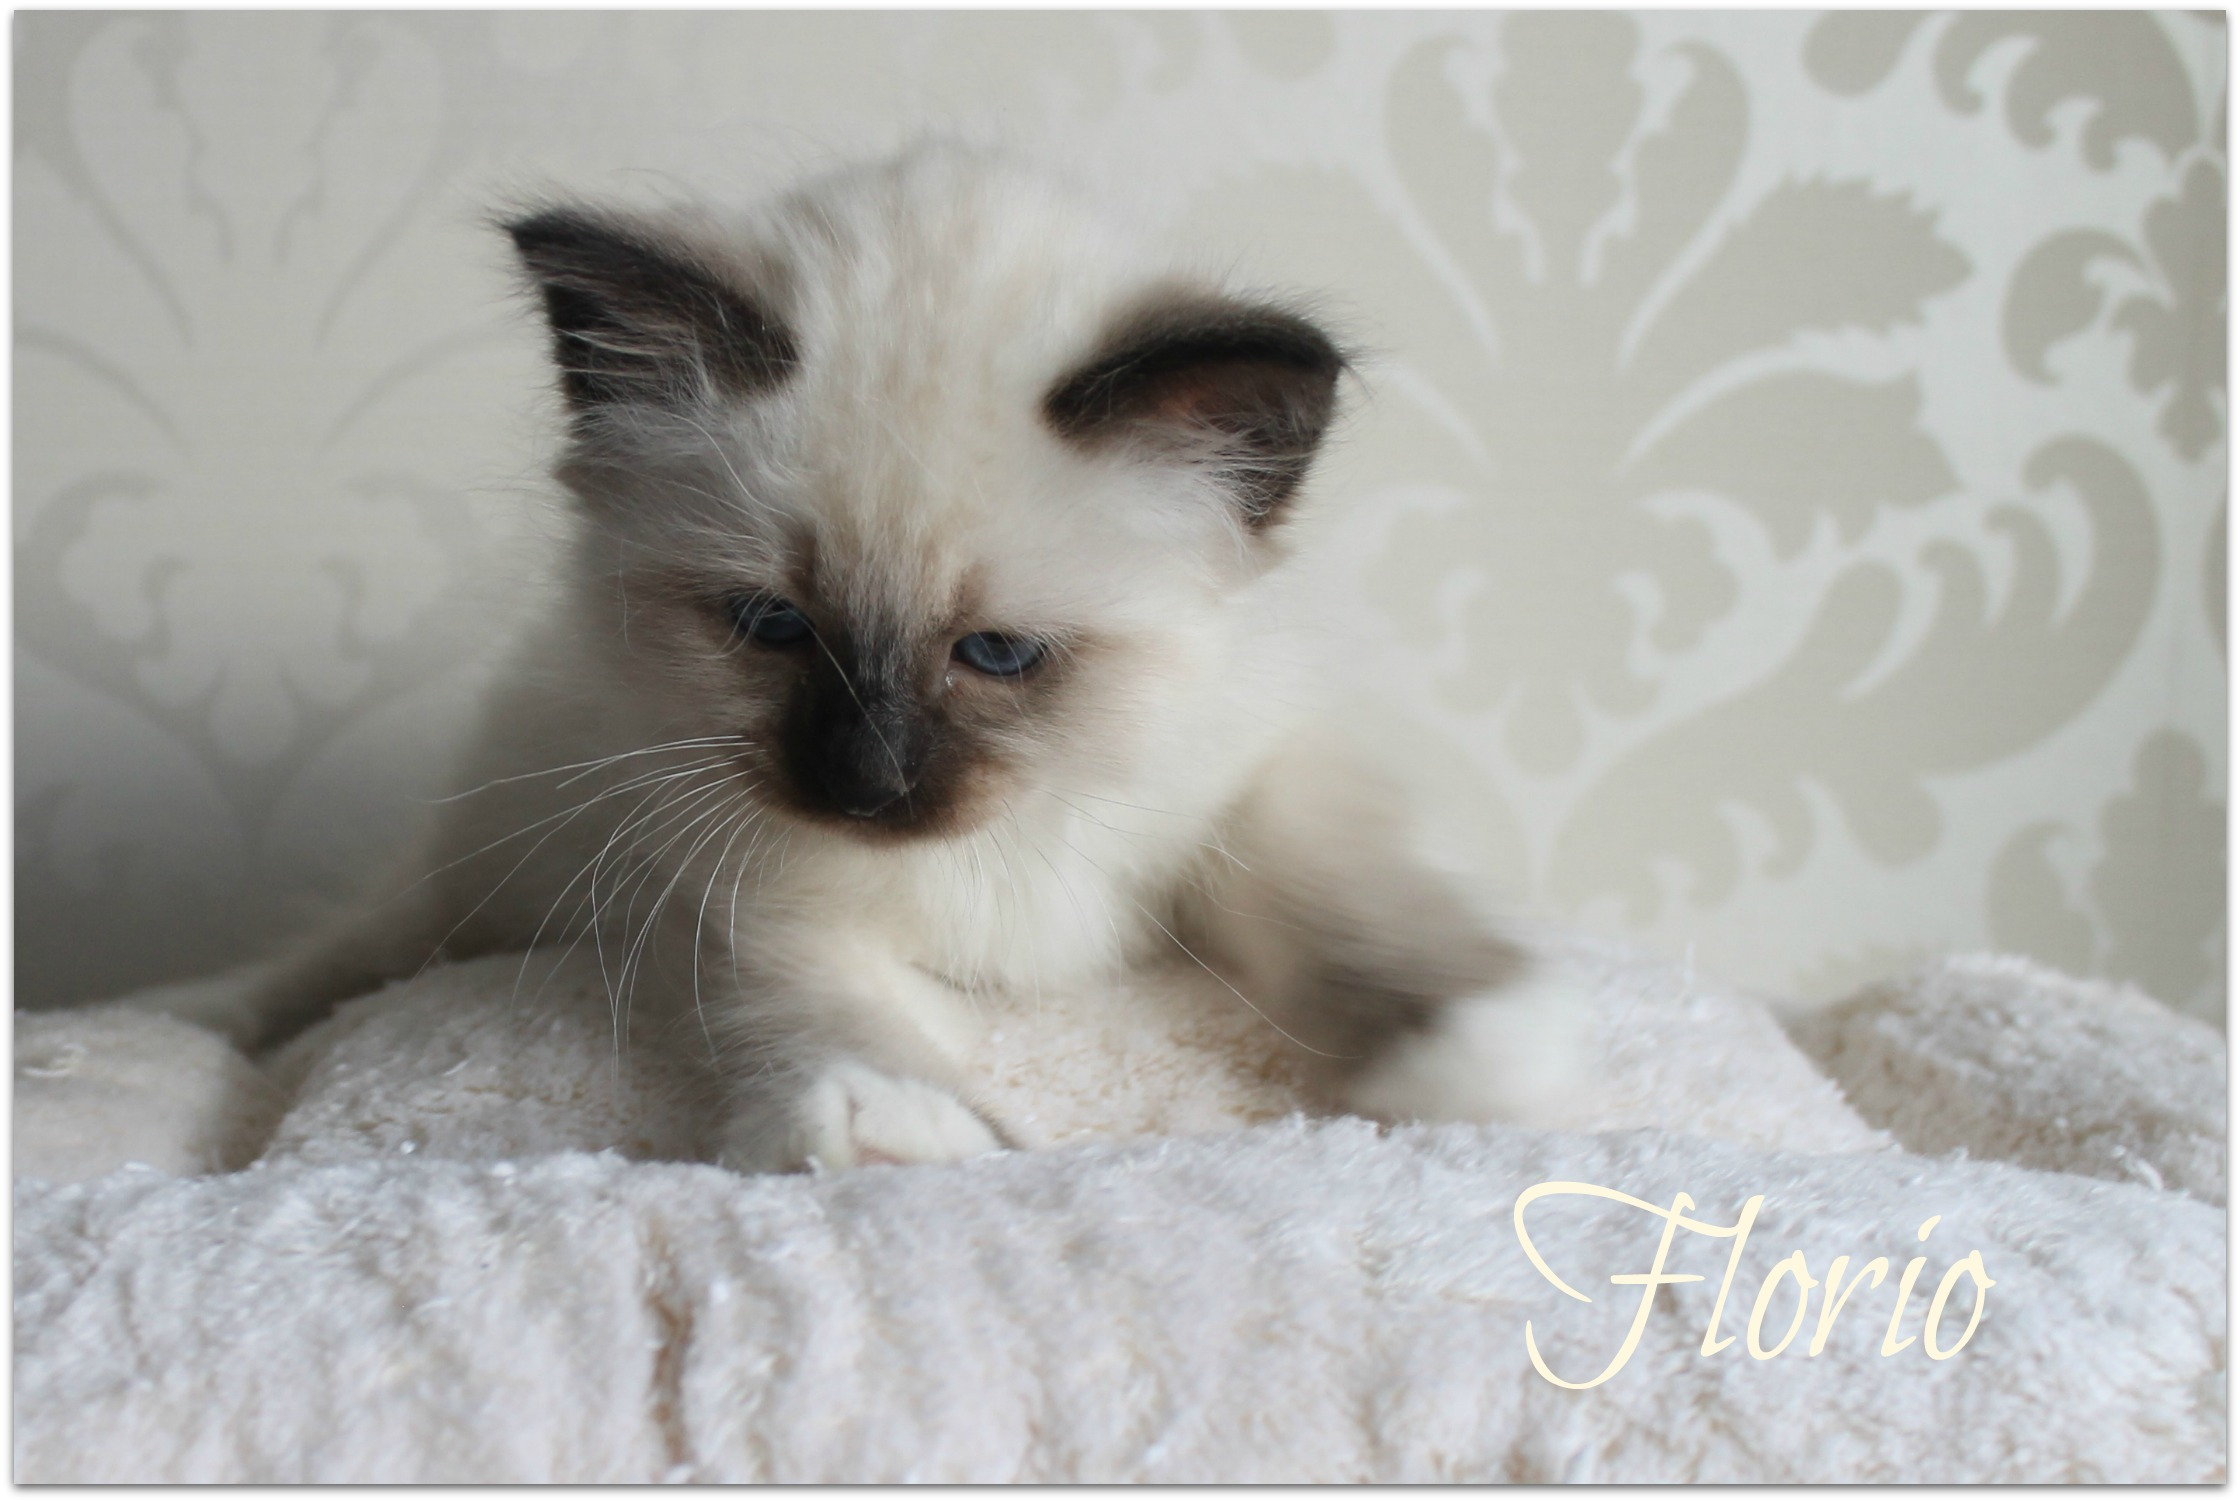 florio_0